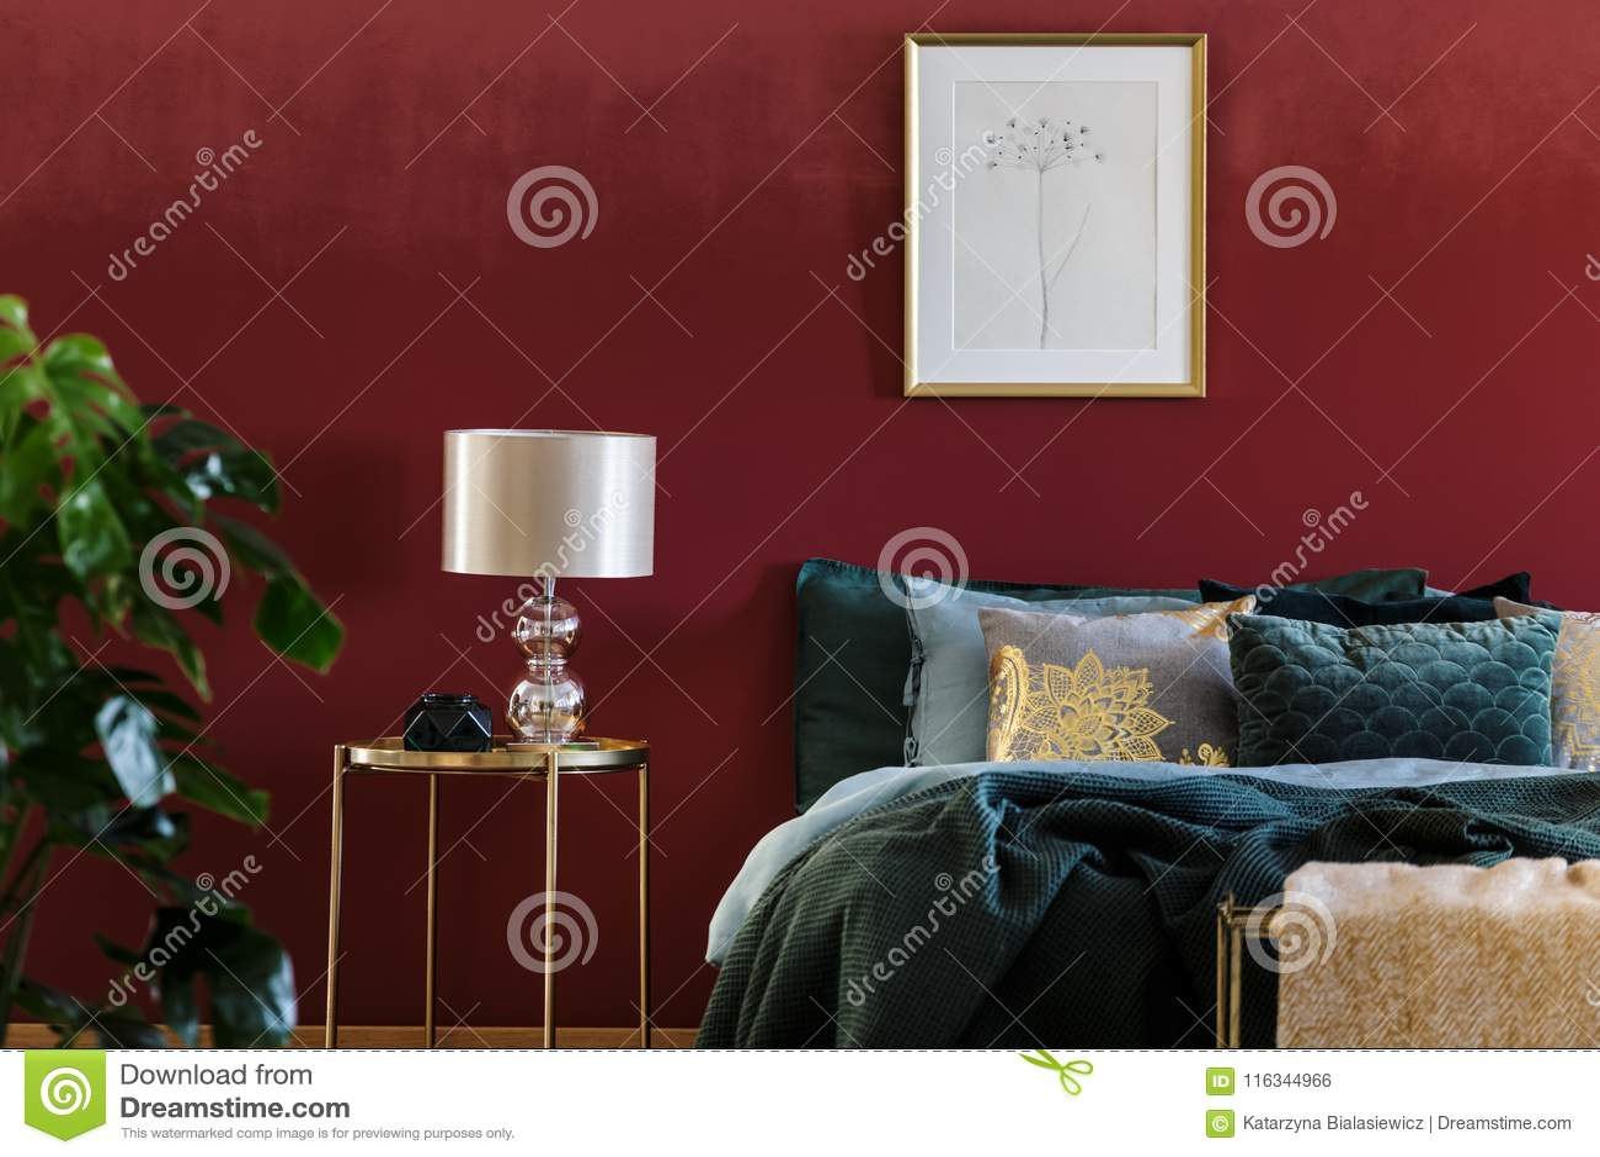 Gold Und Rotes Hoch Entwickeltes Schlafzimmer Stockfoto - Bild von ...